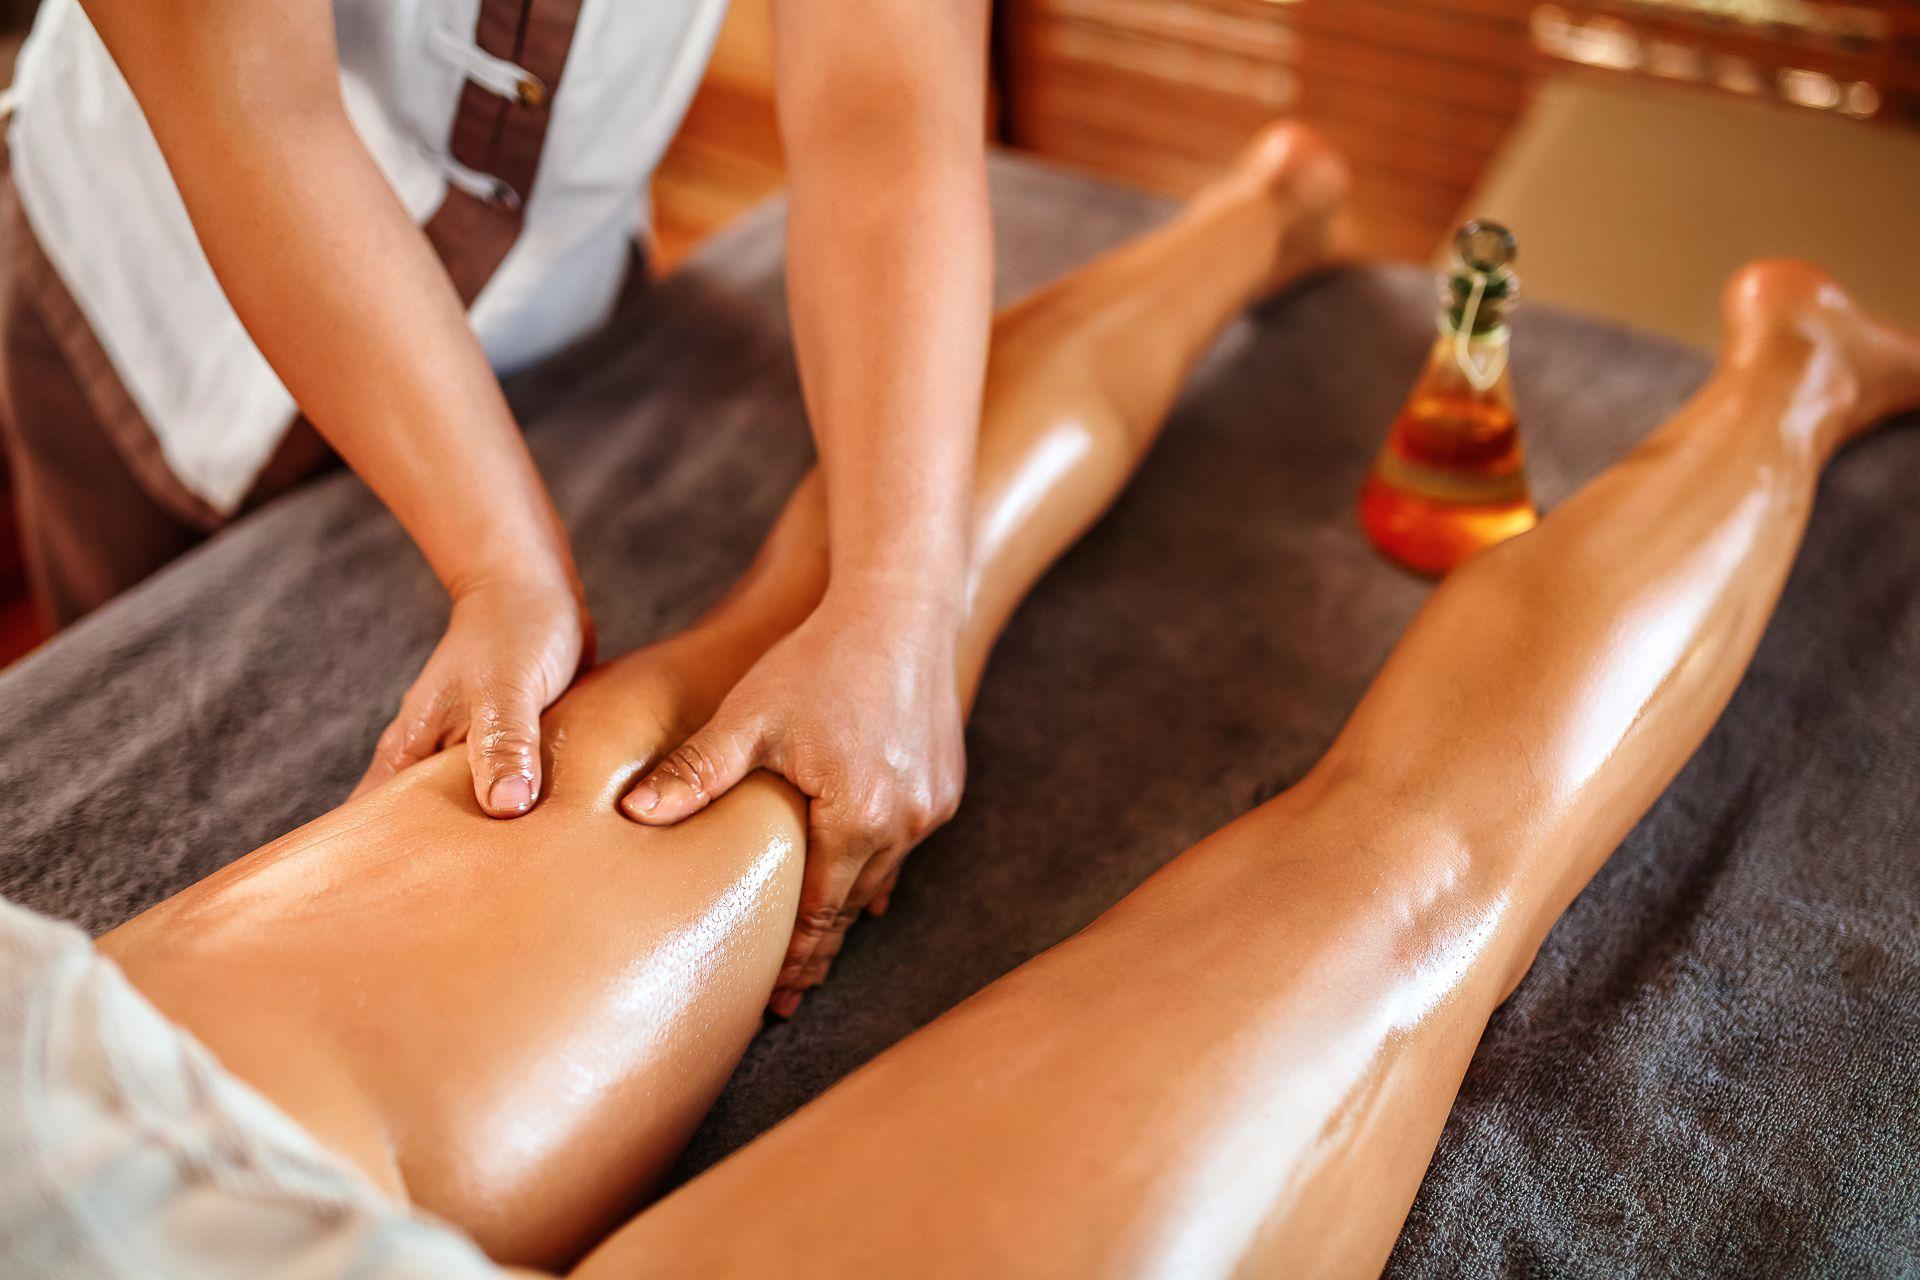 массаж, тайский массаж, Thai massage, Oil, Slim, Hot stone , массаж традиционный, антицеллюлитный, массаж с маслом, горячими камнями, травяными мешочками